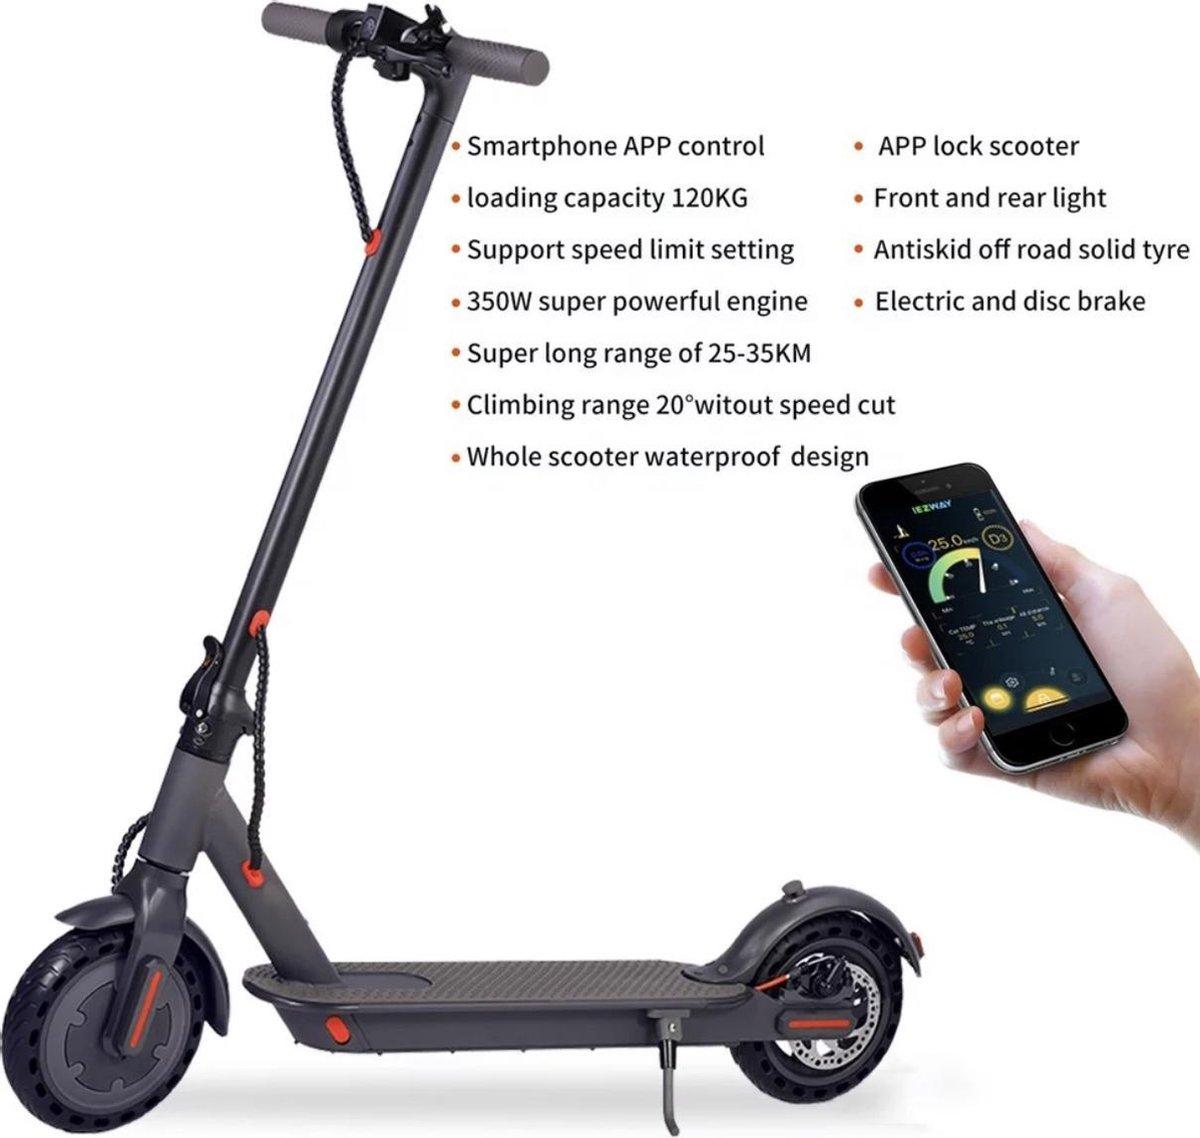 Elektrische step voor volwassenen 8.5inch - ( Xiaomi M365 Pro Look) - 350W - 25km/u - 25-45km bereik - 14Kg gewicht - 1 jaar garantie - opvouwbaar - Wit